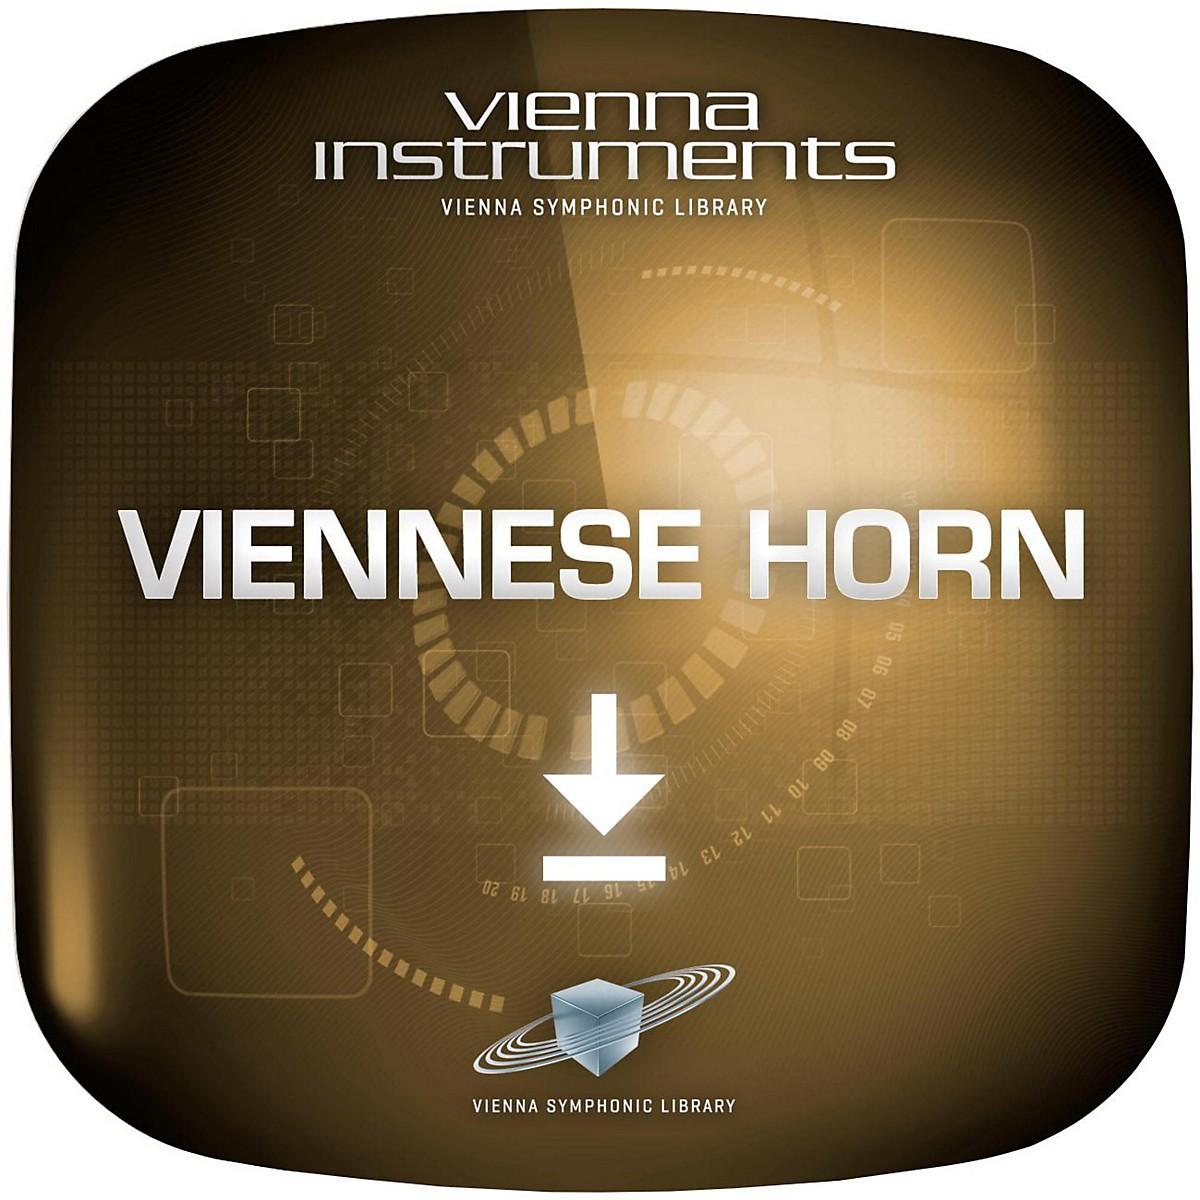 Vienna Instruments Viennese Horn Full